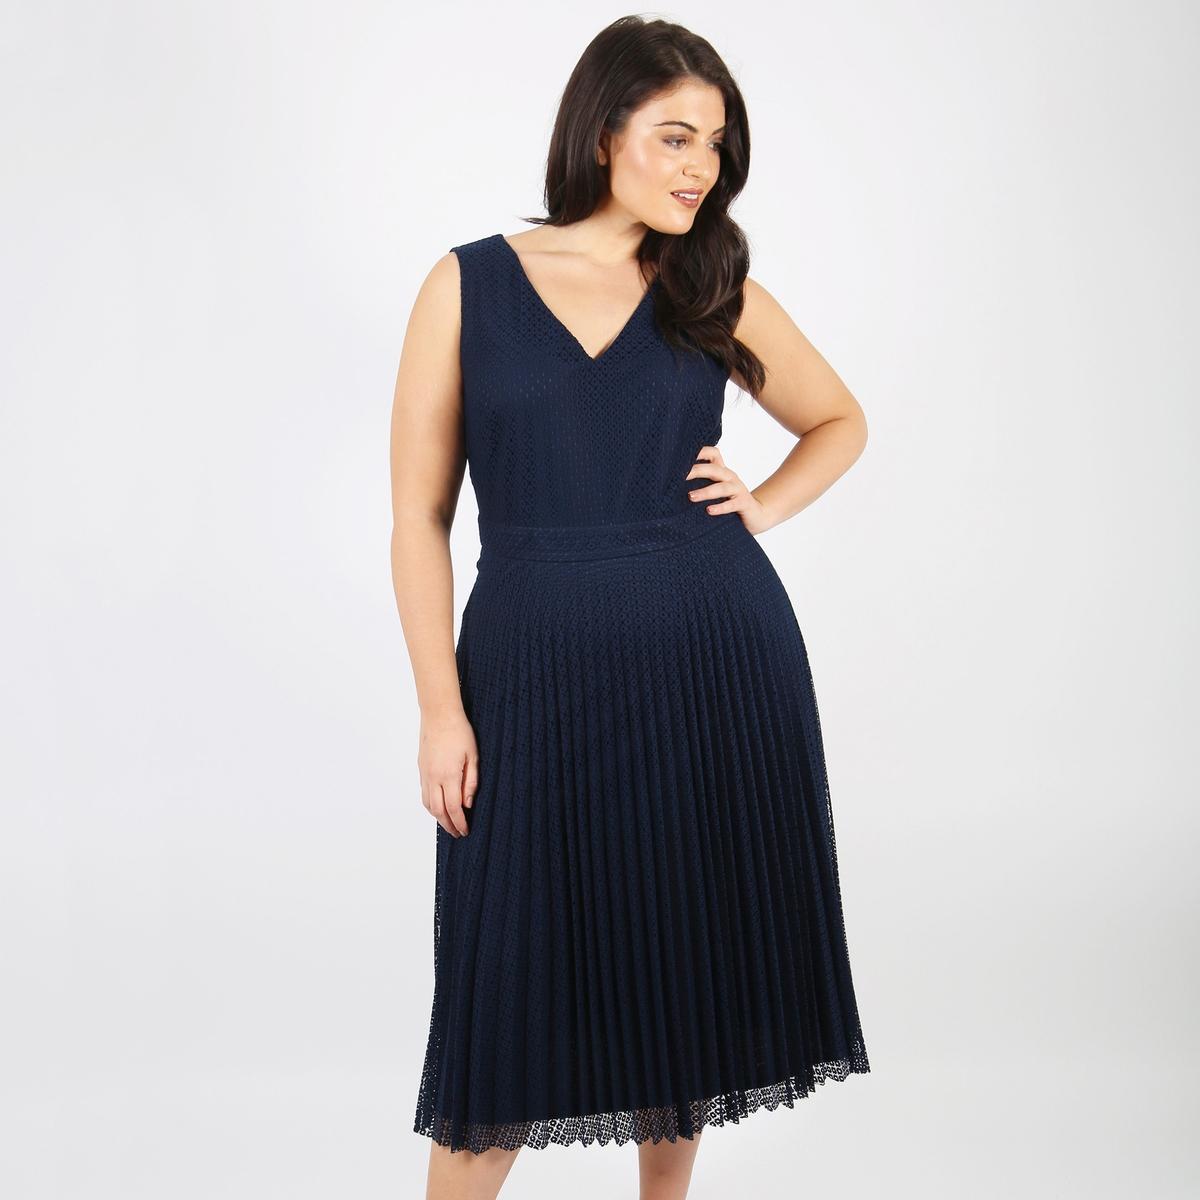 Платье прямое средней длины, однотонное, без рукавовДетали •  Форма : прямая •  Длина до колен •  Без рукавов    •   V-образный вырезСостав и уход •  100% полиэстер •  Следуйте рекомендациям по уходу, указанным на этикетке изделияТовар из коллекции больших размеров<br><br>Цвет: синий морской<br>Размер: 54/56 (FR) - 60/62 (RUS)